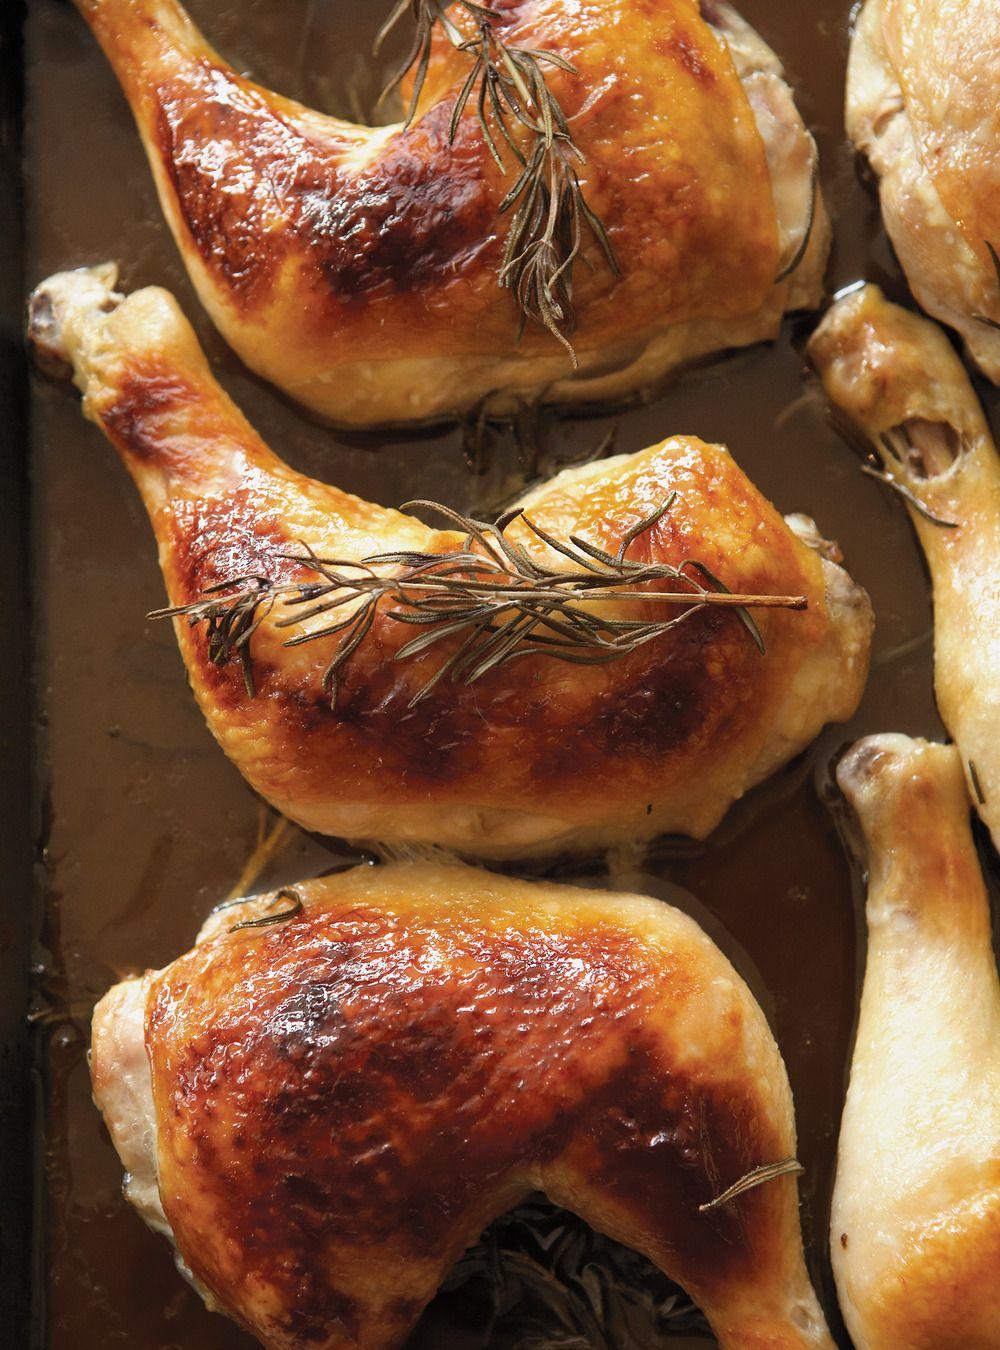 Cuisses de poulet au miel et au romarin recette let 39 s try cuisses de poulet poulet et - Cuisse de poulet grille au four ...